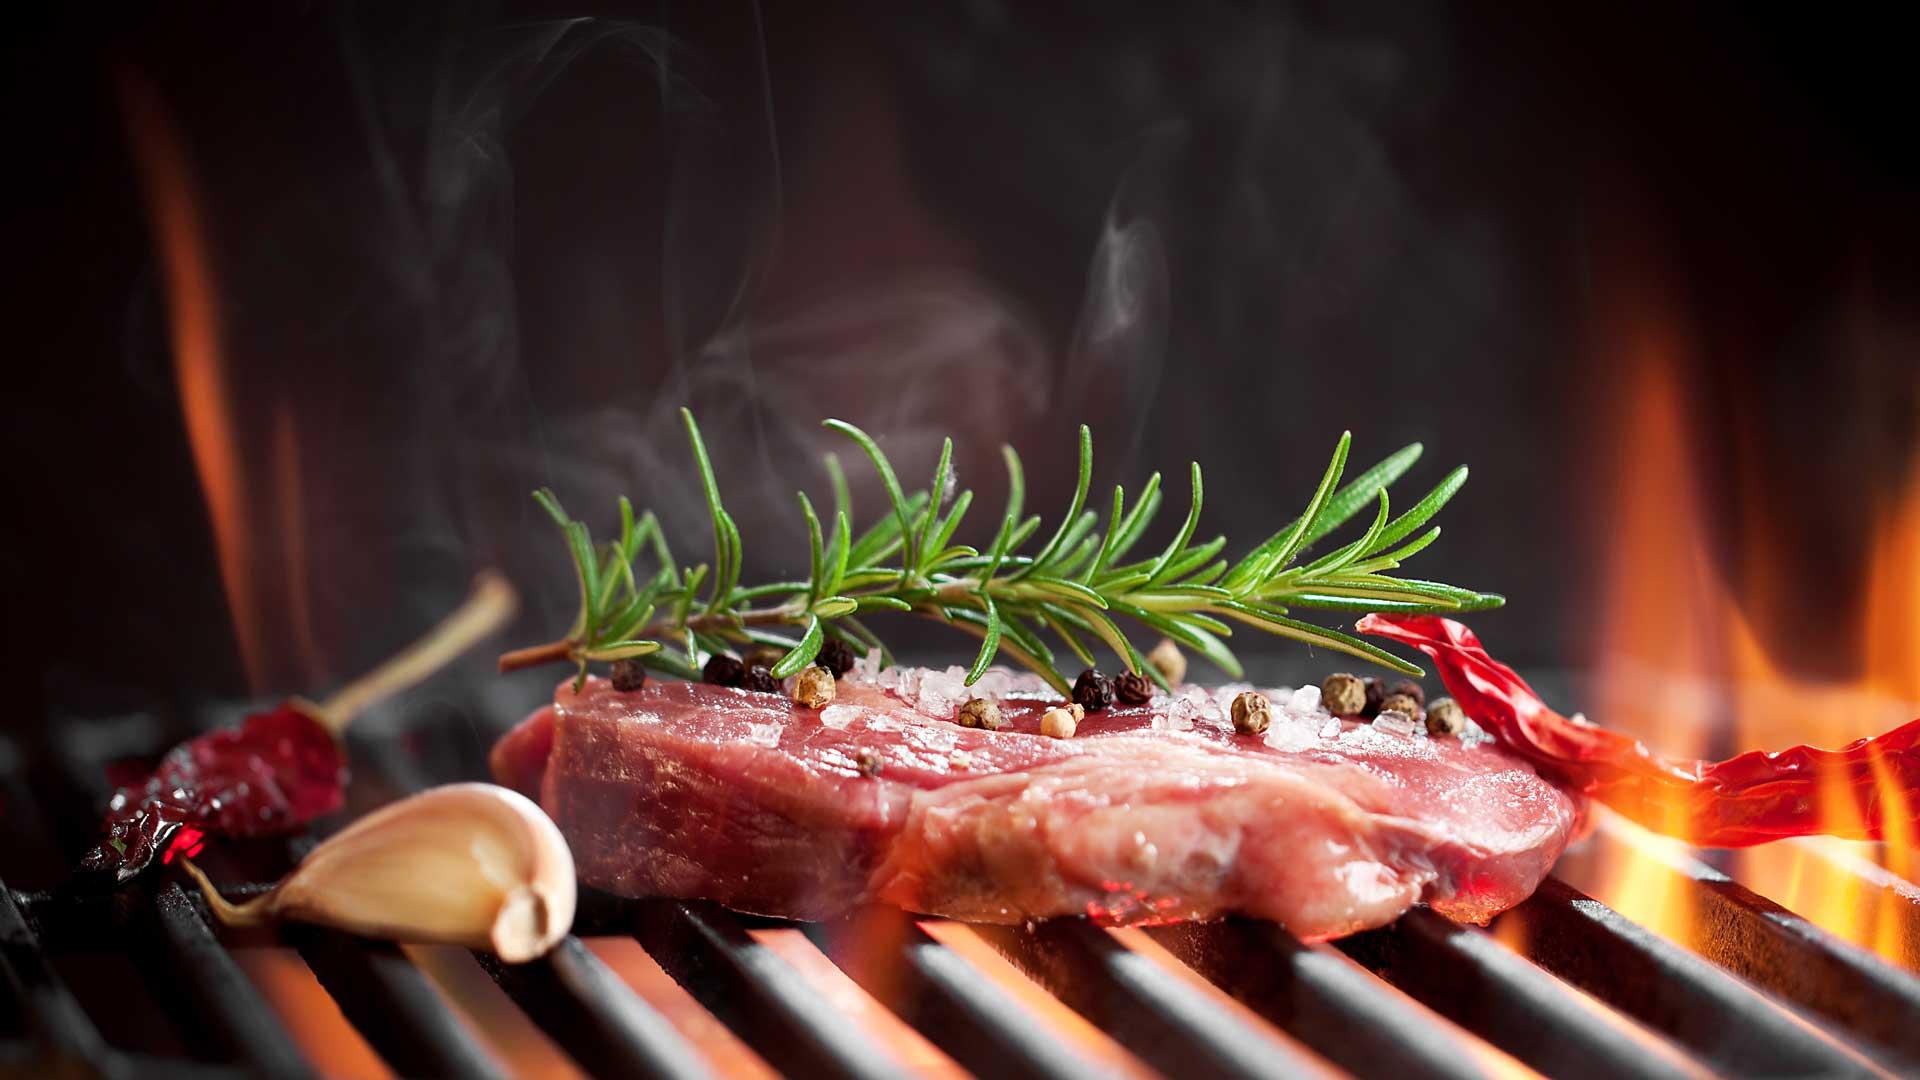 immagine rappresentativa del reparto Barbecue del brico ok corigliano